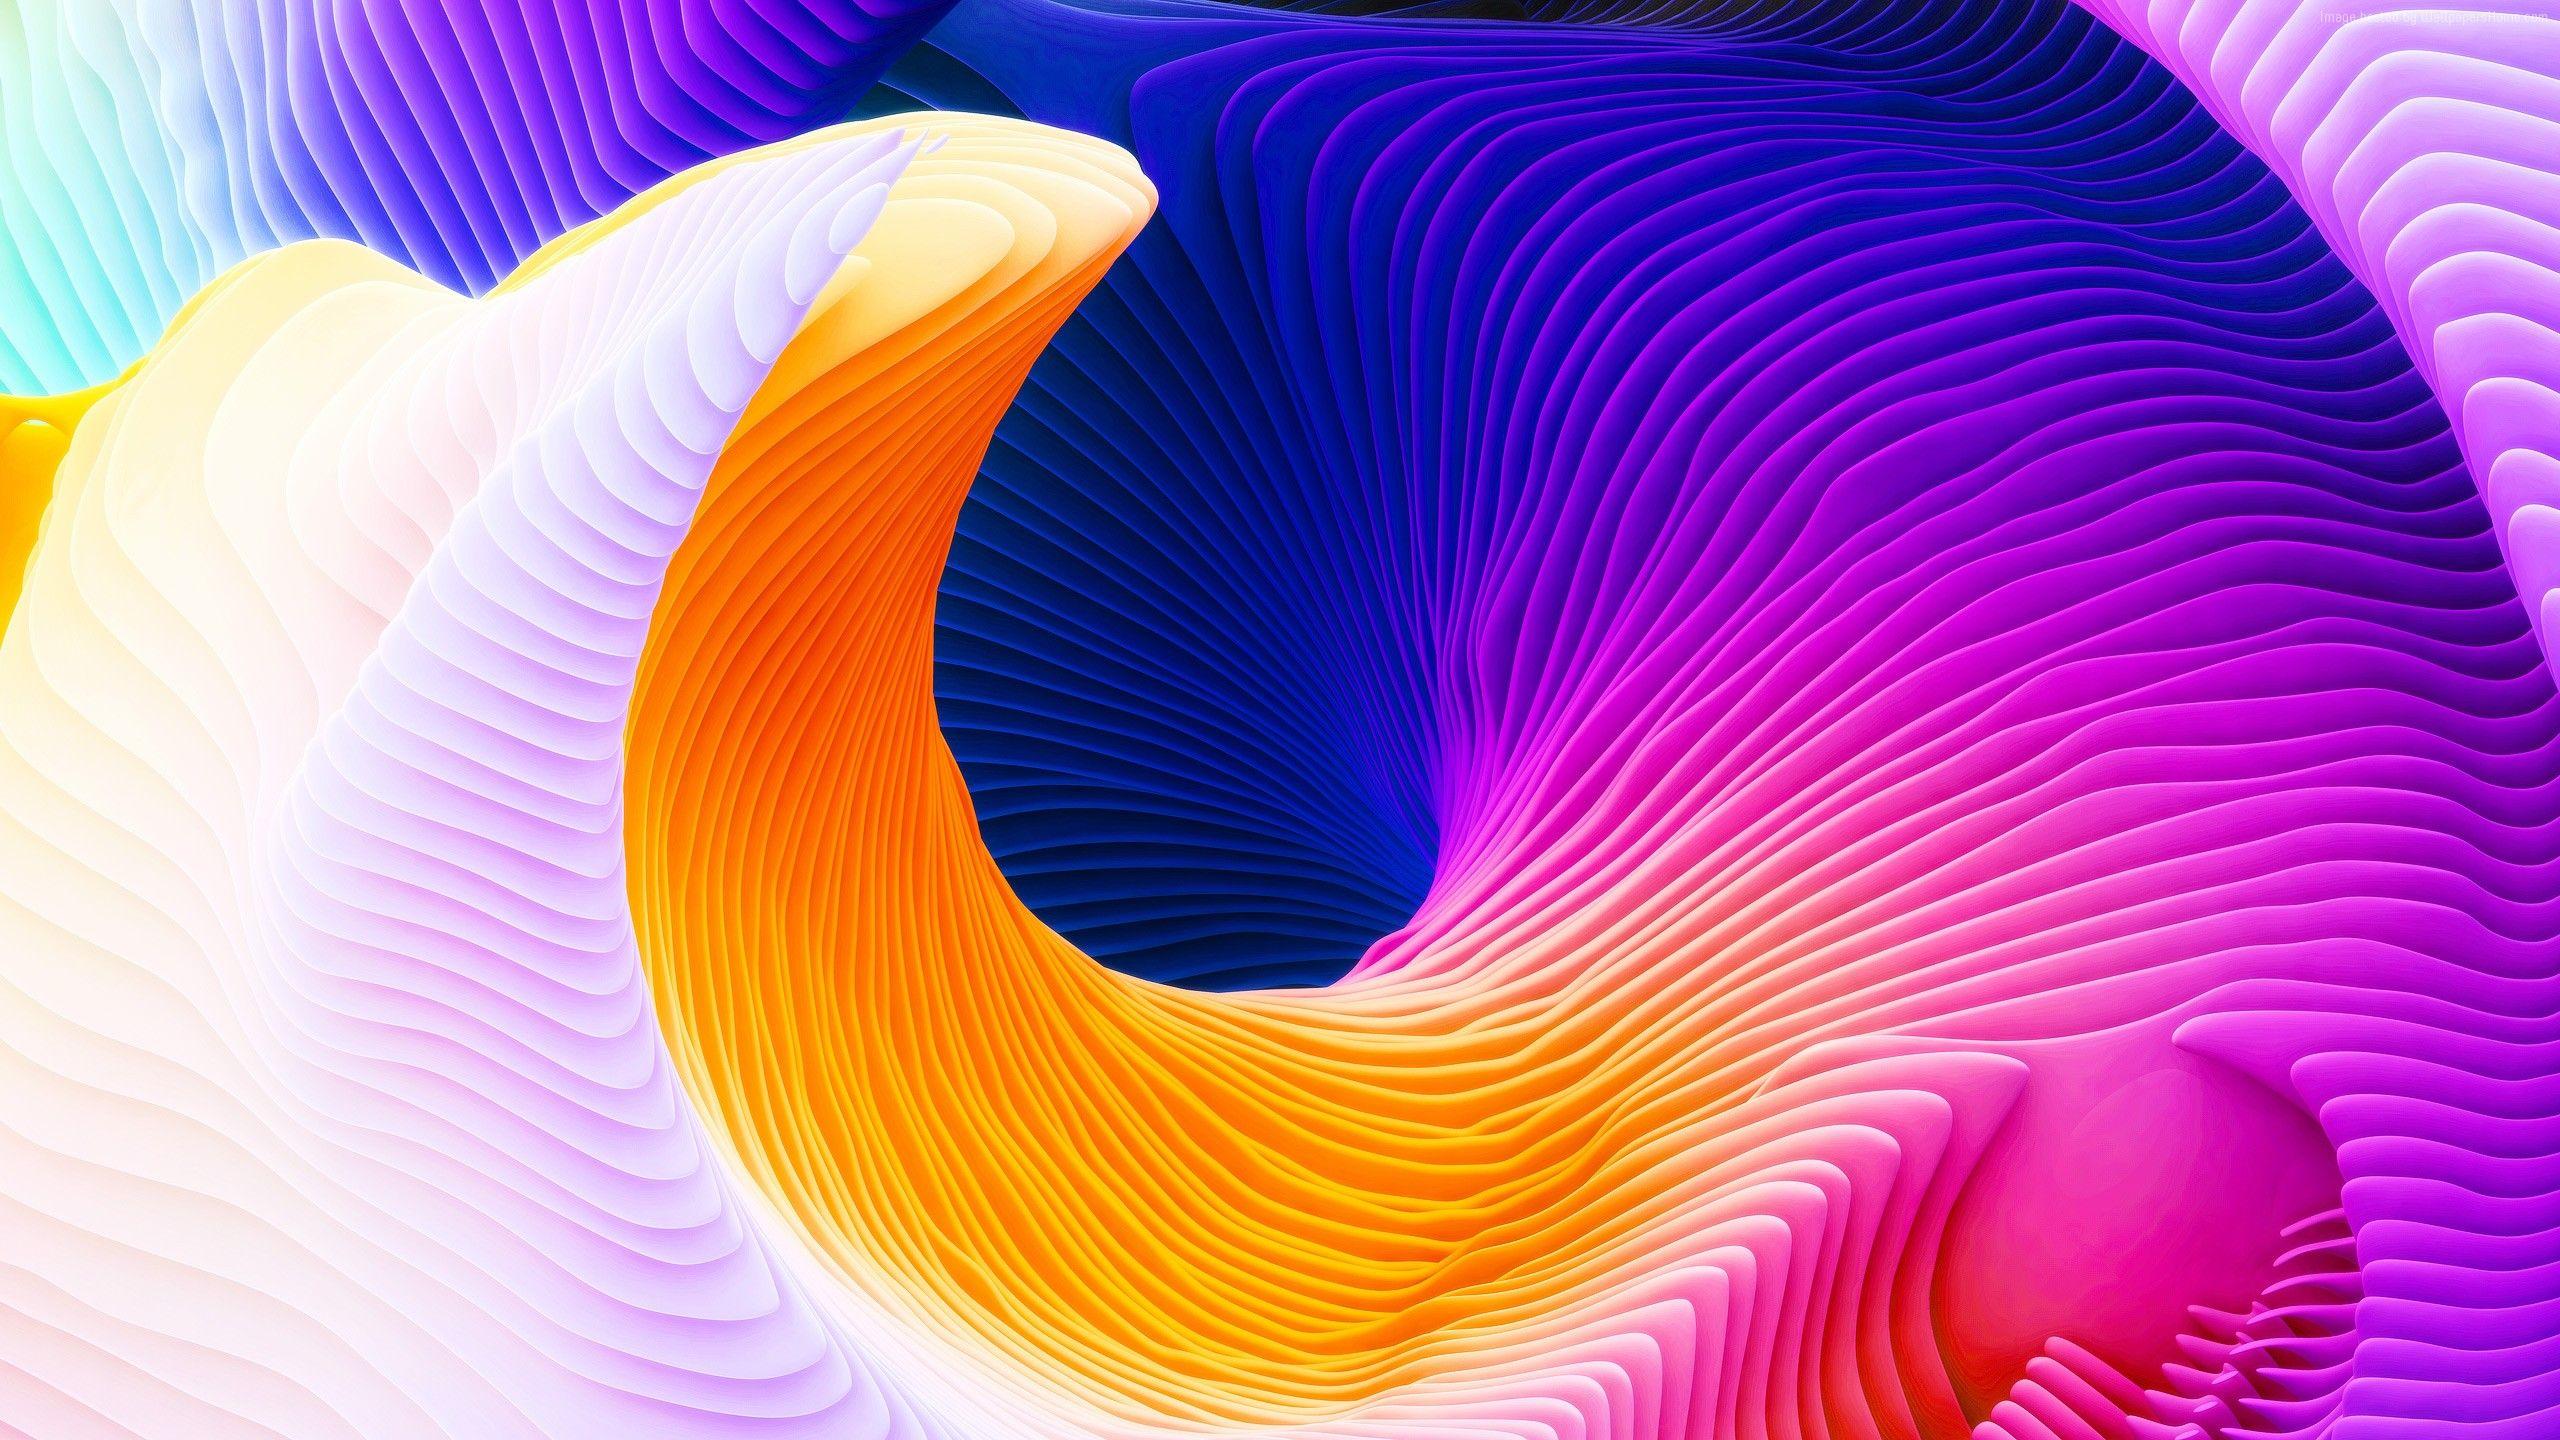 MacBook Wallpapers   Top MacBook Backgrounds   WallpaperAccess 2560x1440